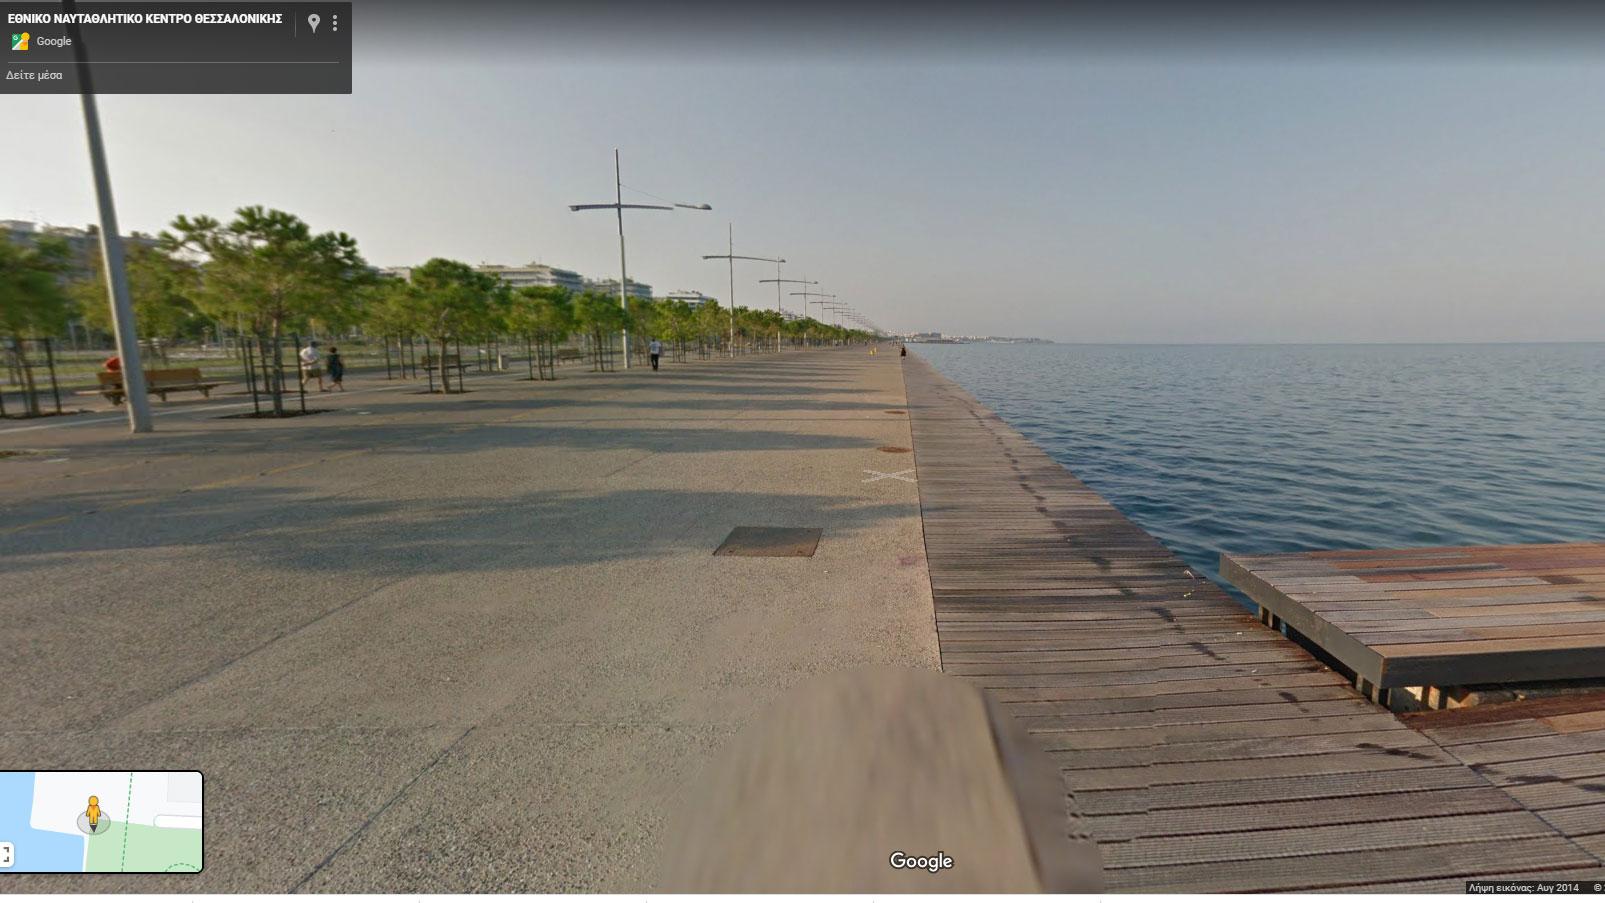 Γεμάτη η παραλία της Θεσσαλονίκης - Κοροϊδεύουν τον κόσμο με βίντεο μοντάζ; (video)